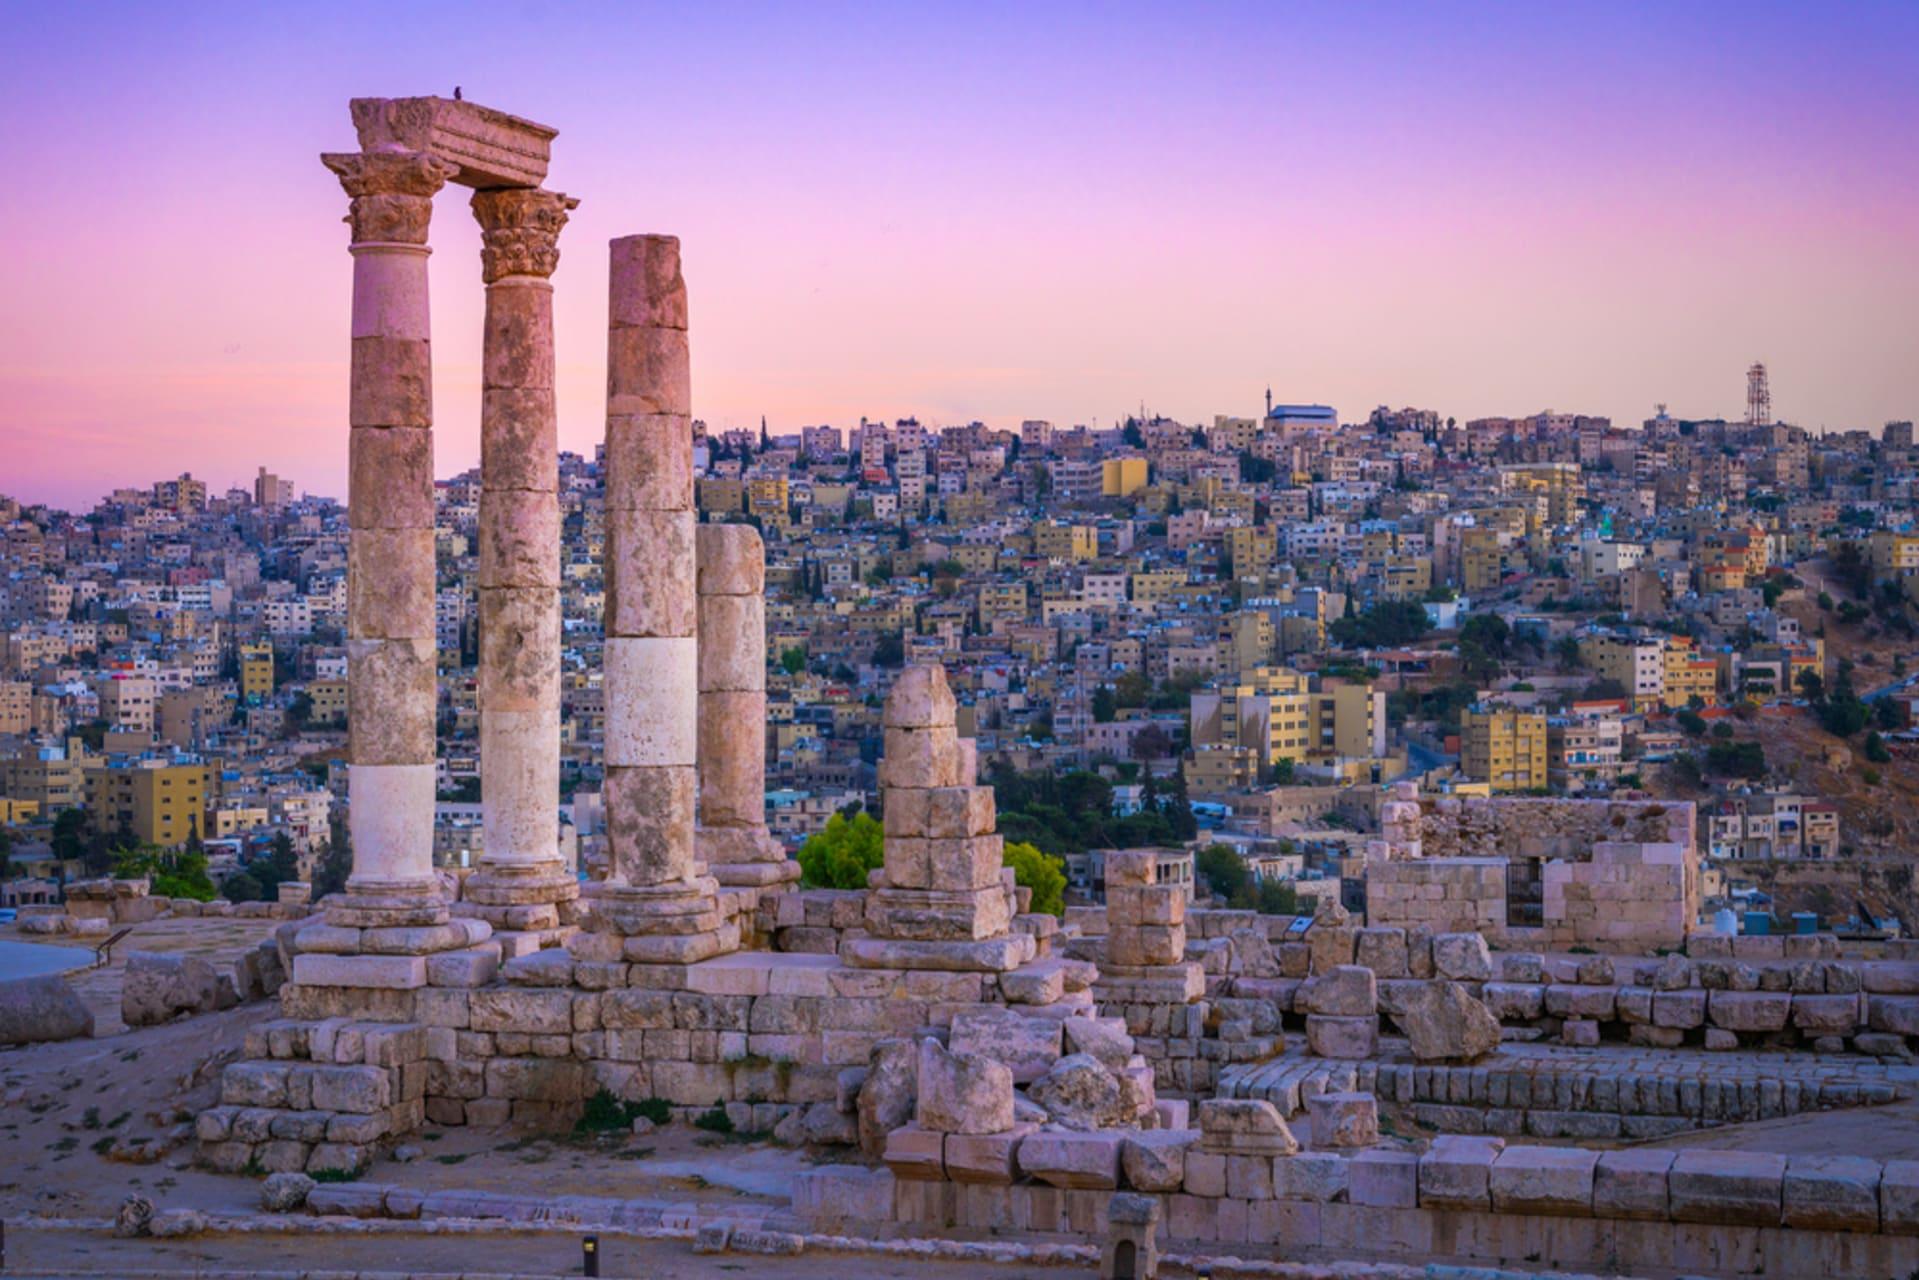 Amman - Mountain of Amman's Citadel